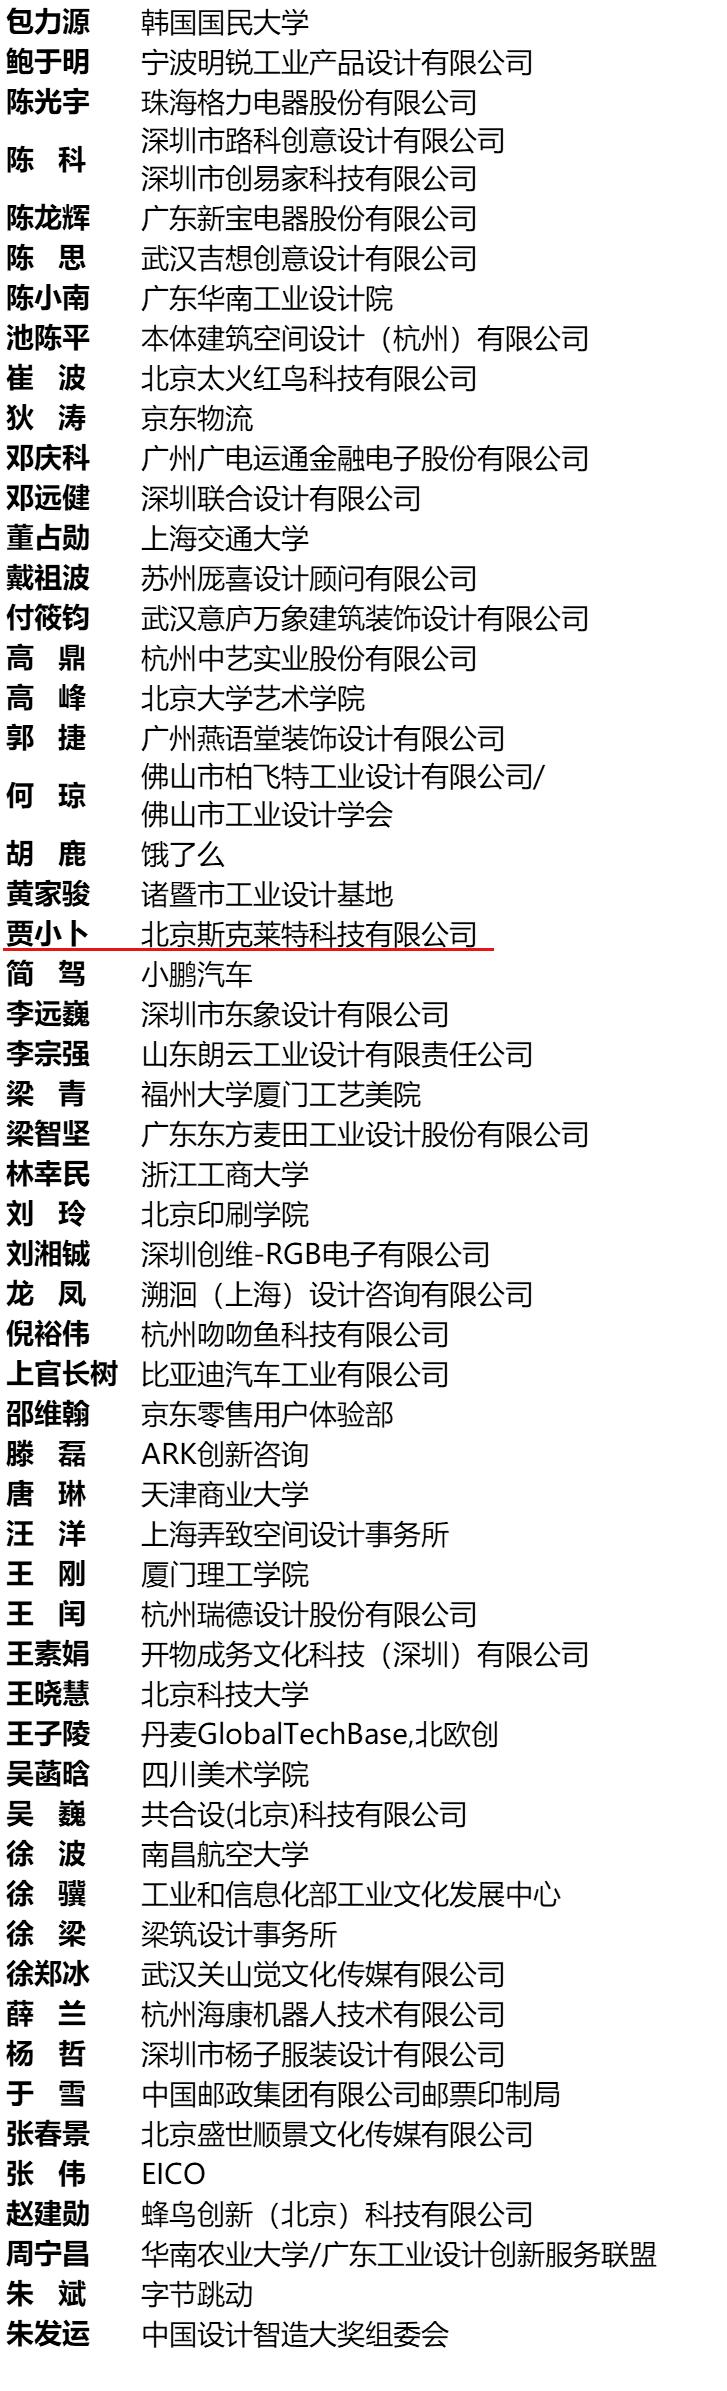 SCRAT3D 贾小卜榜上有名,第十六届(2020)光华龙腾奖•中国设计业青年百人榜揭晓